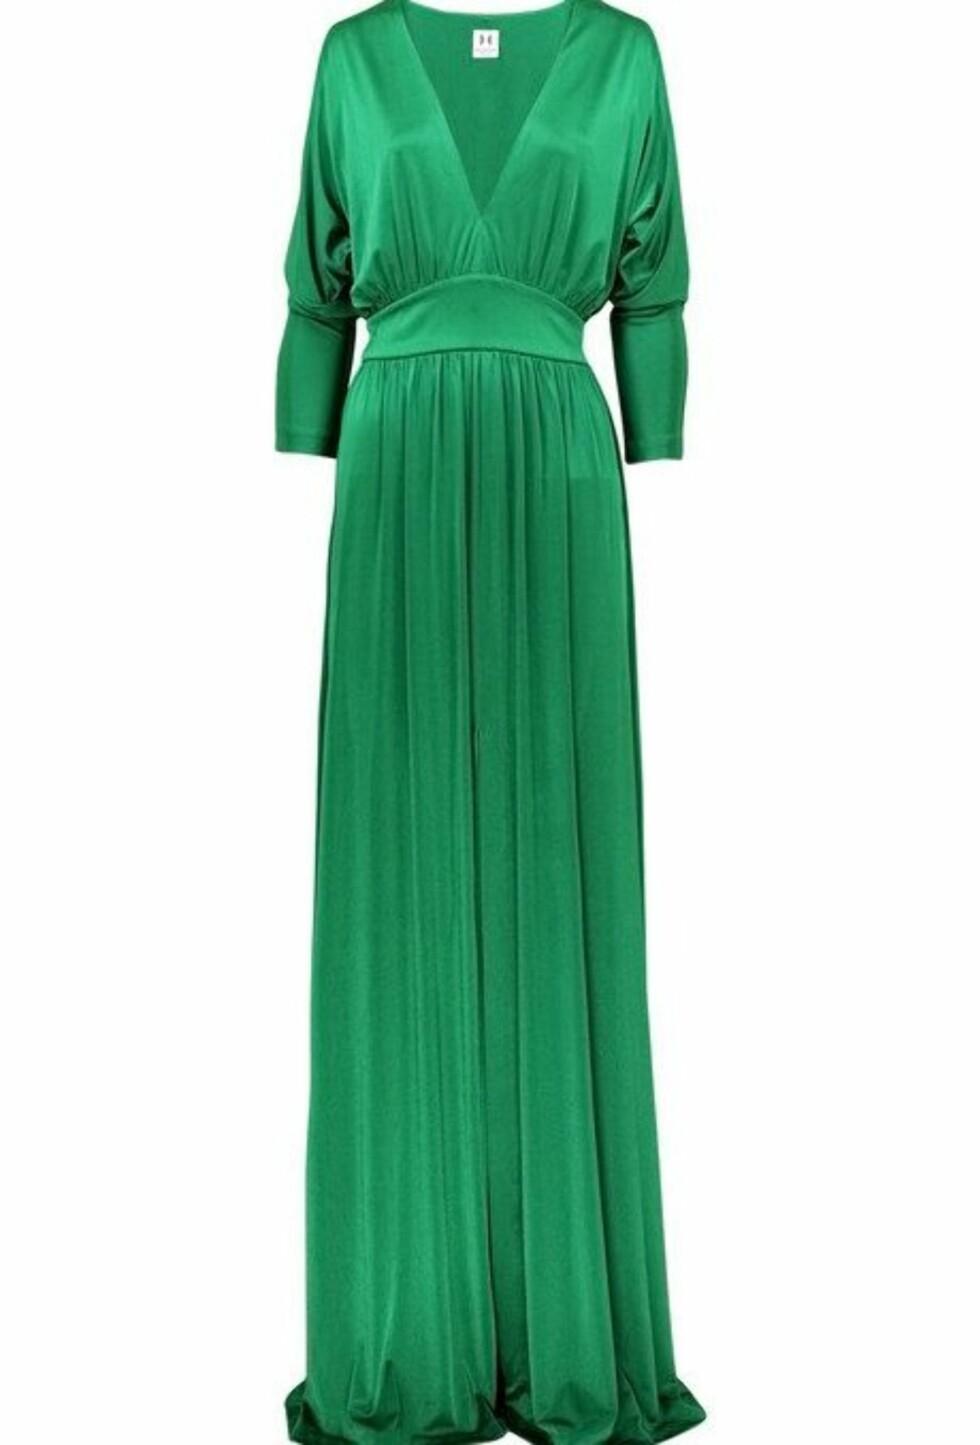 Skinnende grønn kjole med v-hals, innsving og høy splitt (ca kr 3500/Halston Heritage). Foto: netaporter.com